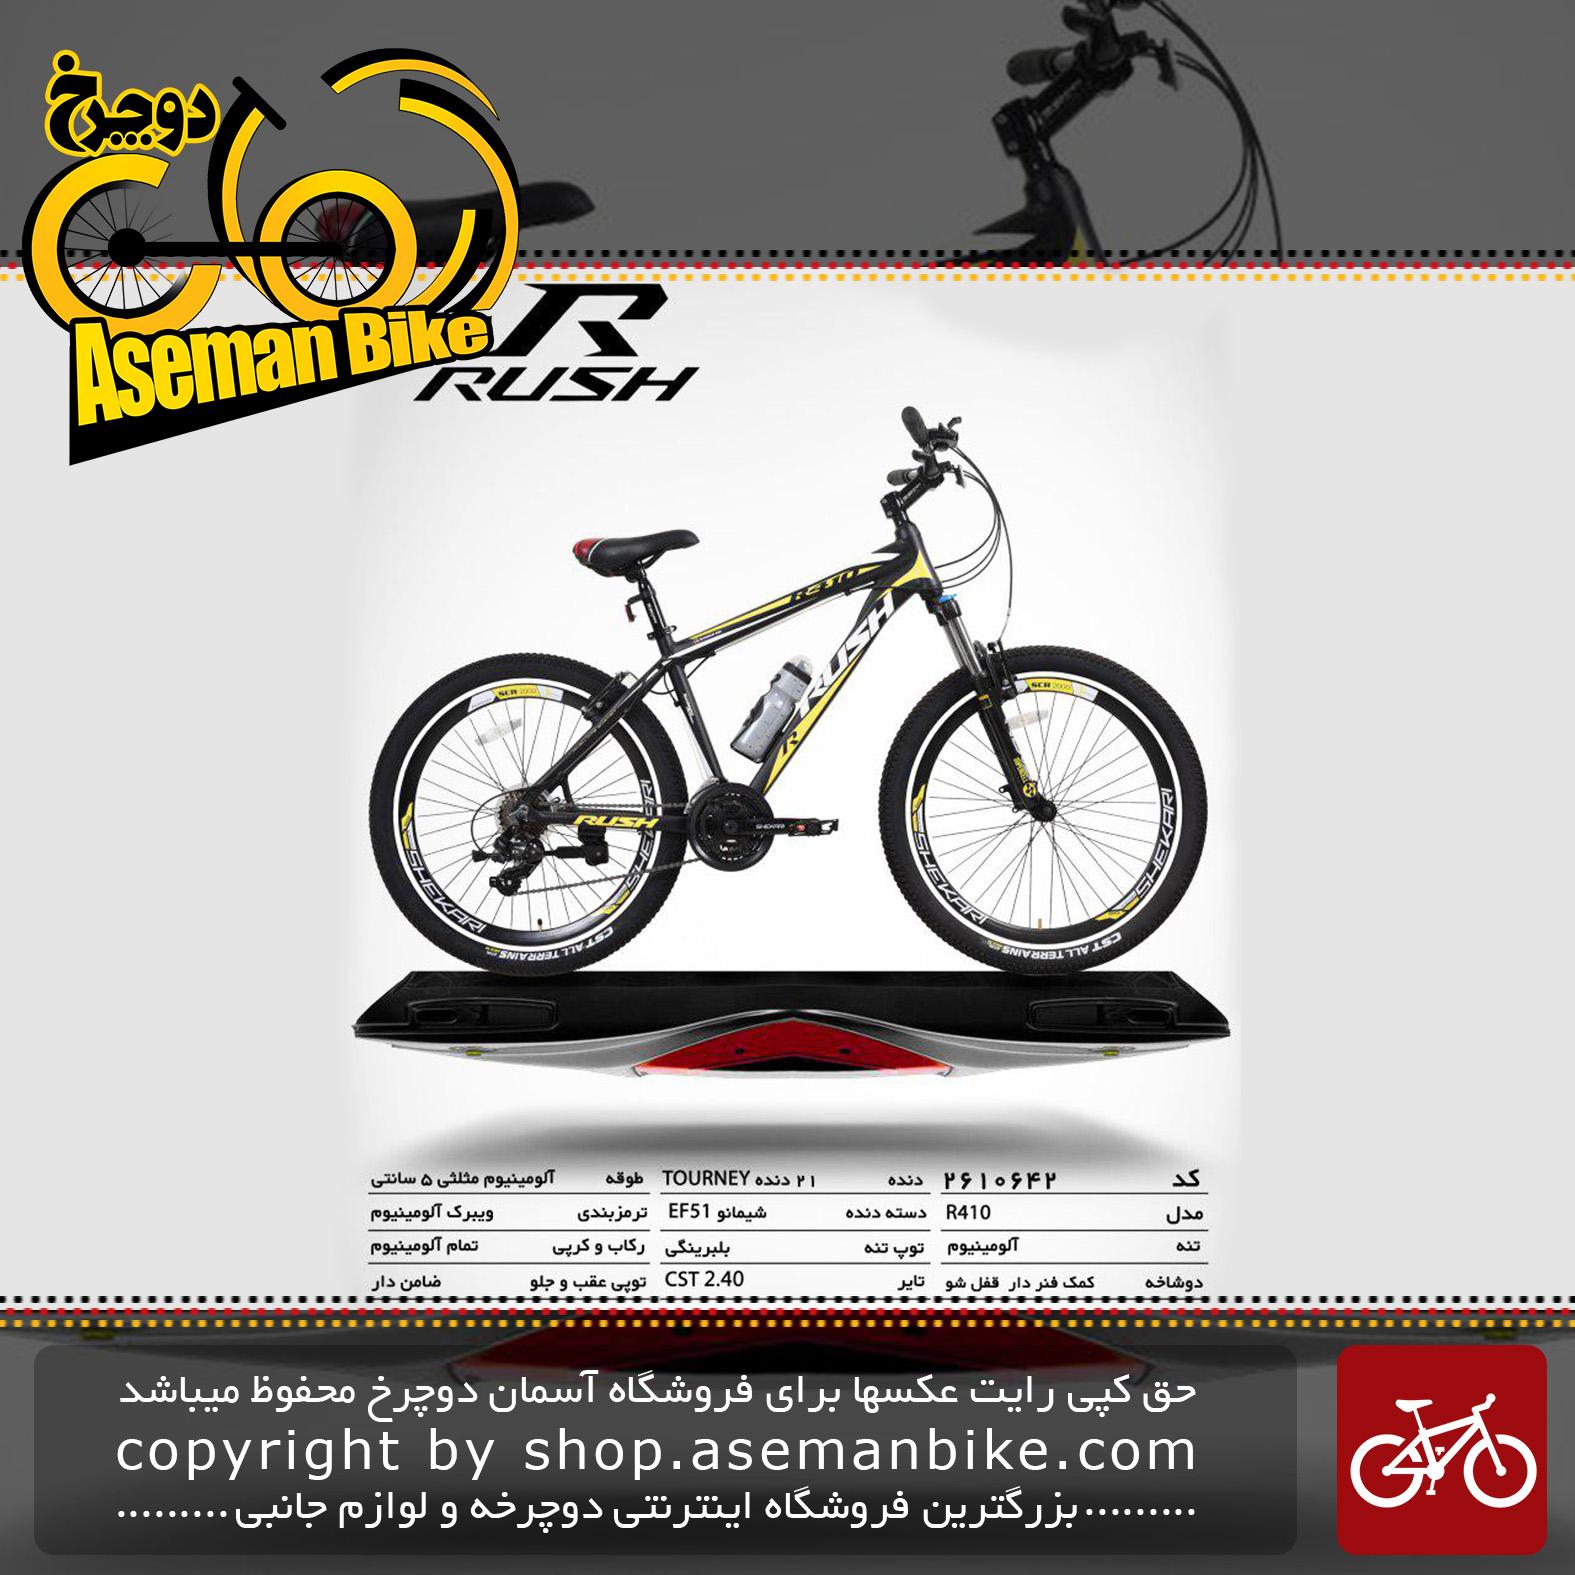 دوچرخه کوهستان شهری راش 21 دنده شیمانو تورنی مدل آر 410 سایز 26تنه آلمینیوم ساخت تایوانrush bicycle 26 21 speed shimano tourney aluminum vb r410 2019